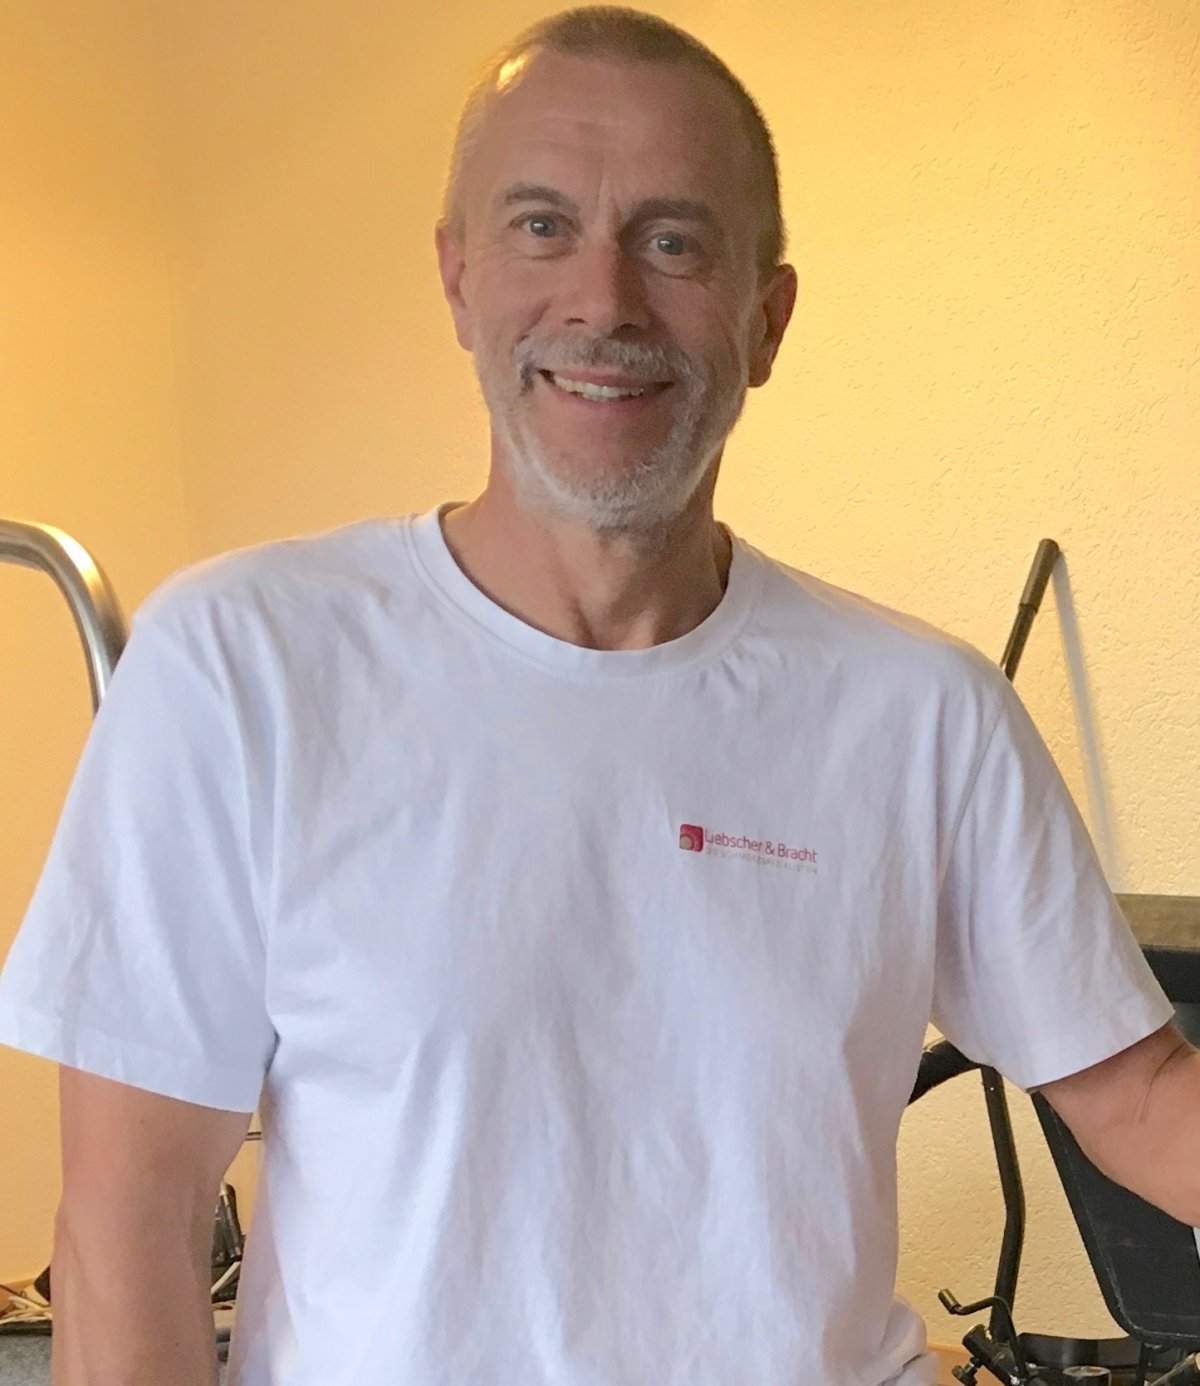 Physiotherapeut aus Wabern, Matthias Goering trägt ein weißes Liebscher & Bracht T-Shirt und steht vor einem gelben Hintergrund mit Fitnessgeräten.